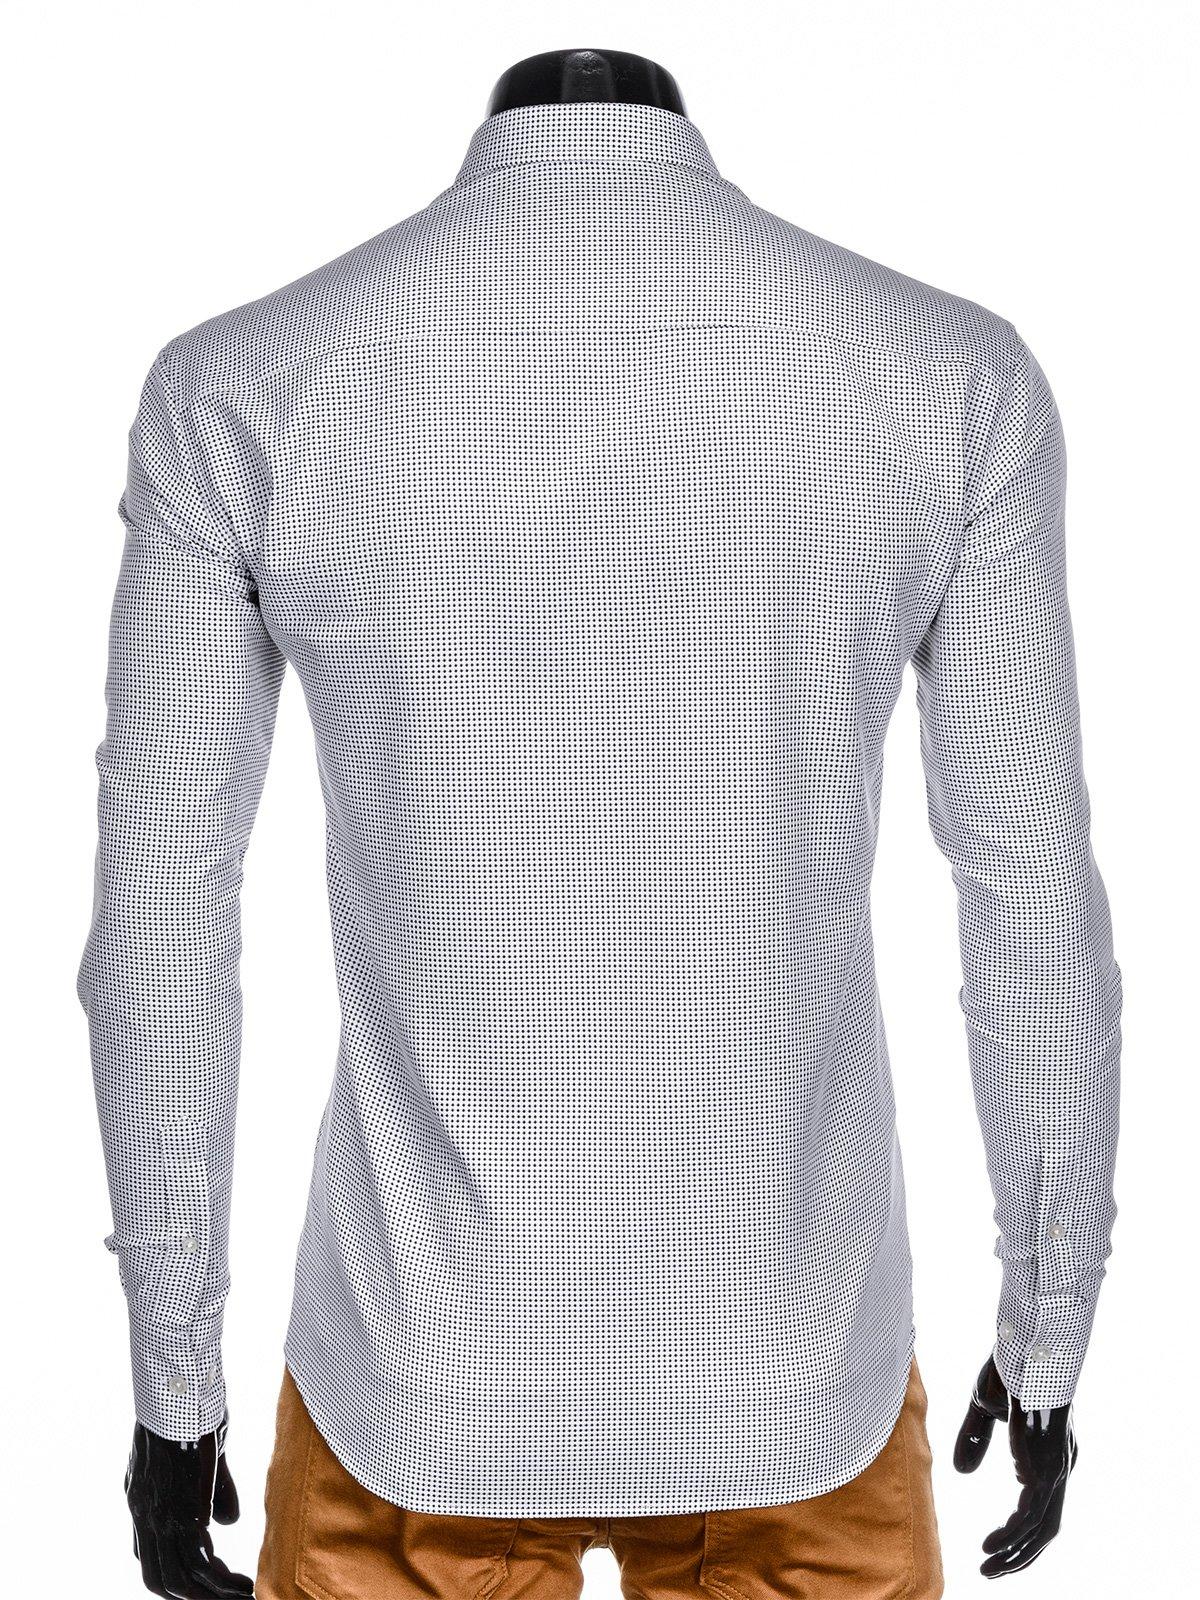 487c30a339d ... Мужская рубашка элегантная с длинным рукавом K411 - белая черная ...